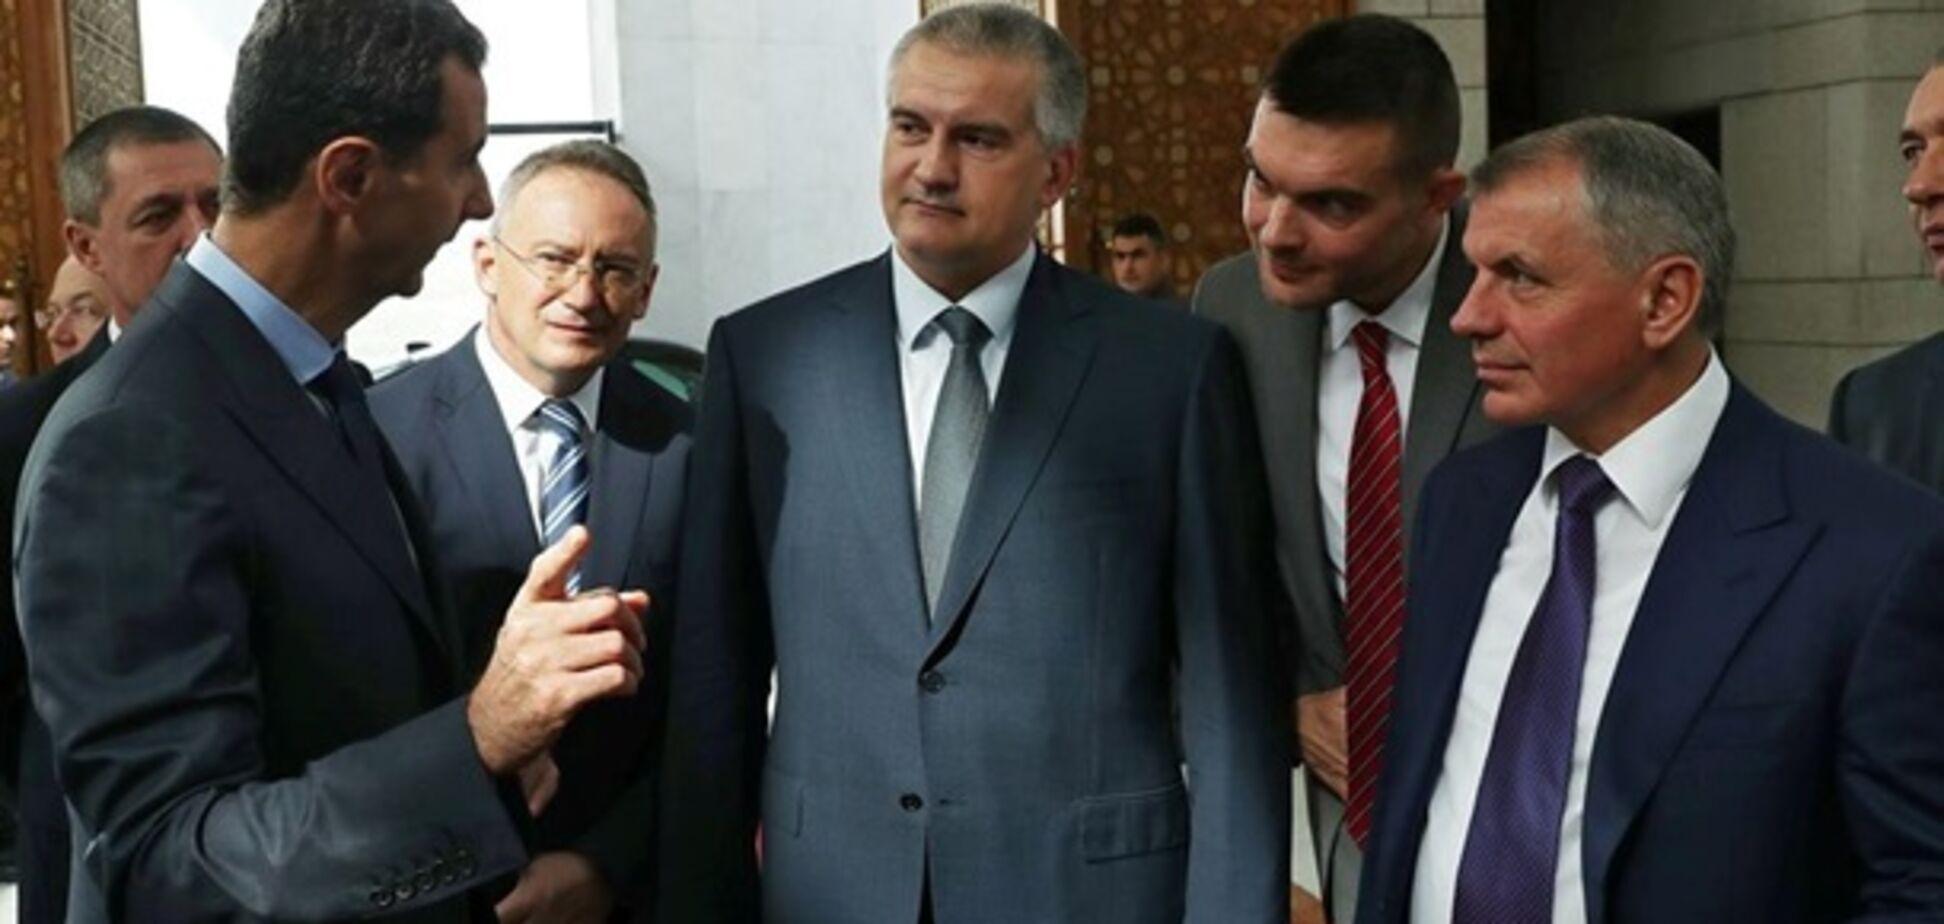 ''Великі гравці пропонують'': Аксьонов хоче відправити до Сирії ''віджату'' в України техніку